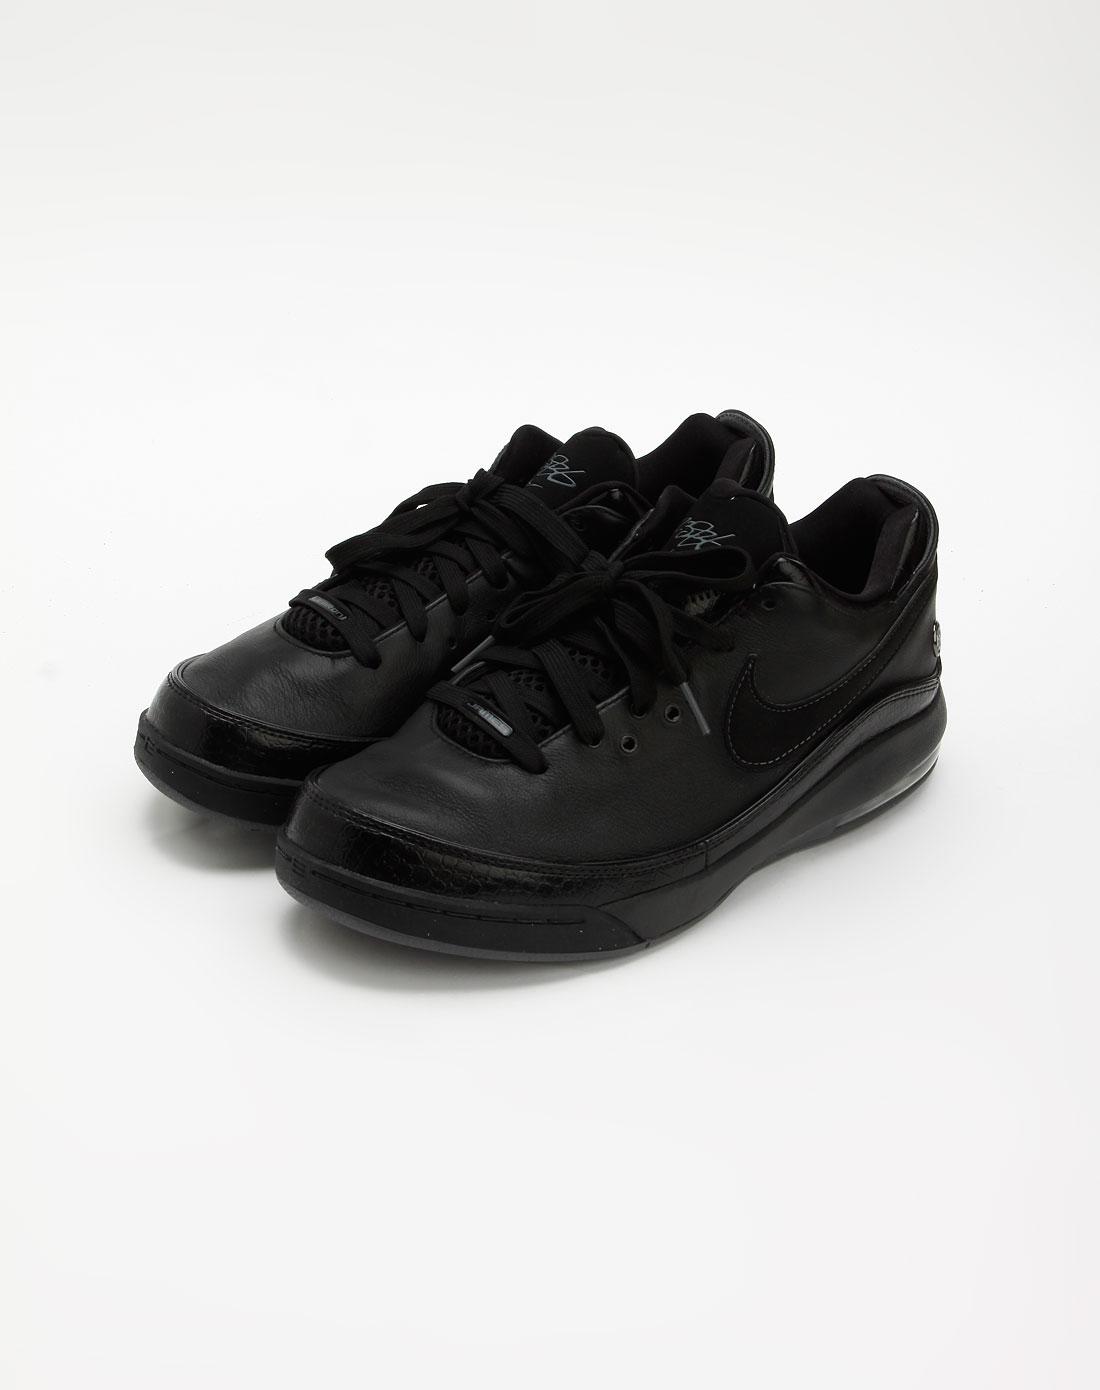 黑色时尚气垫篮球运动鞋